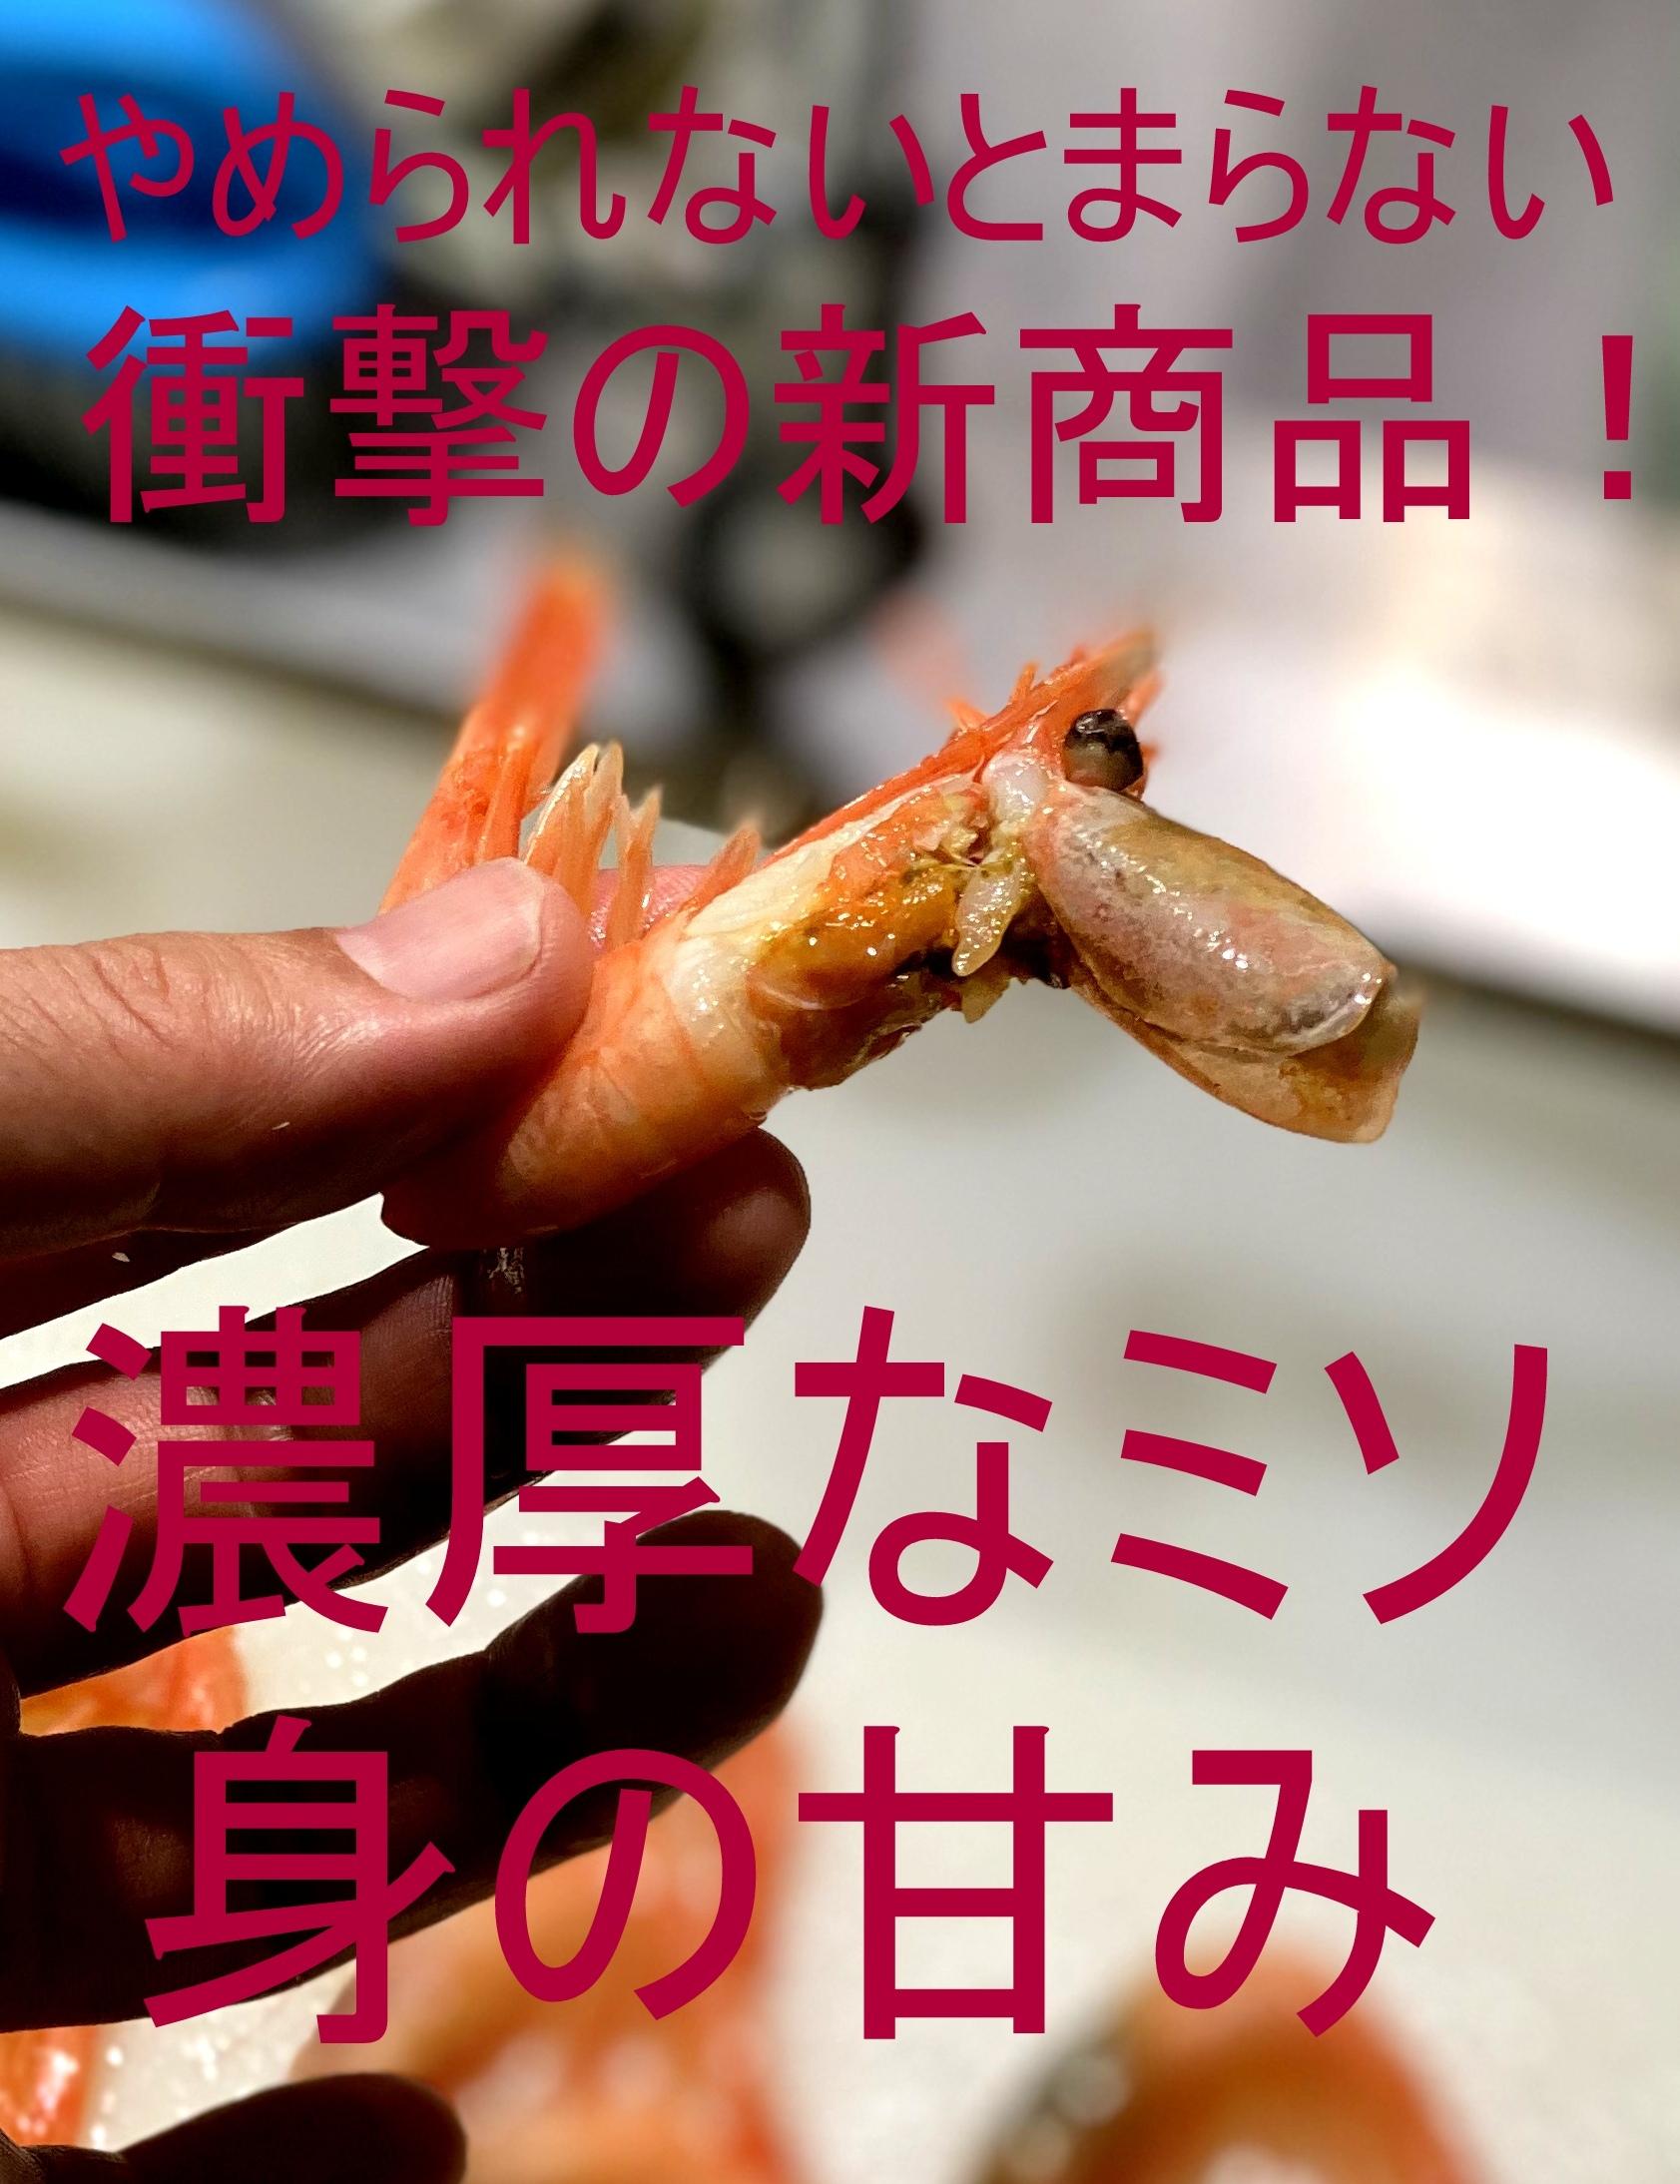 【ひな祭はちらし寿司!】(0084)冷凍 やめられないとまらない ボイル甘えび 500g【卒業・卒園にも!】